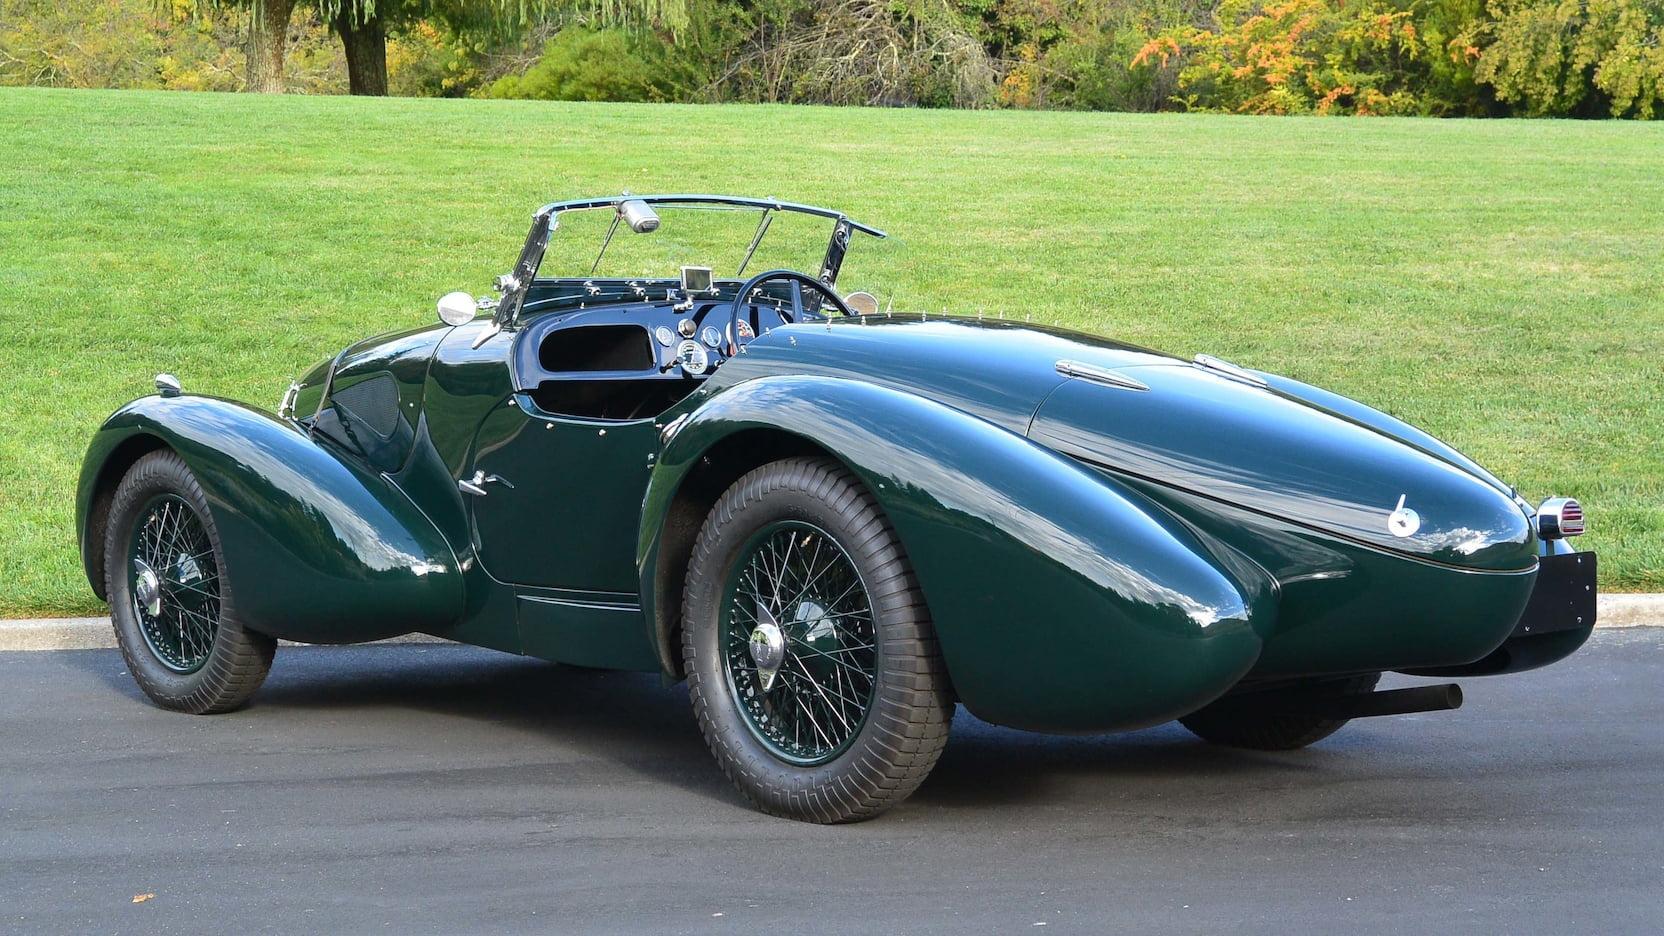 Aston Martin Type C Speed model